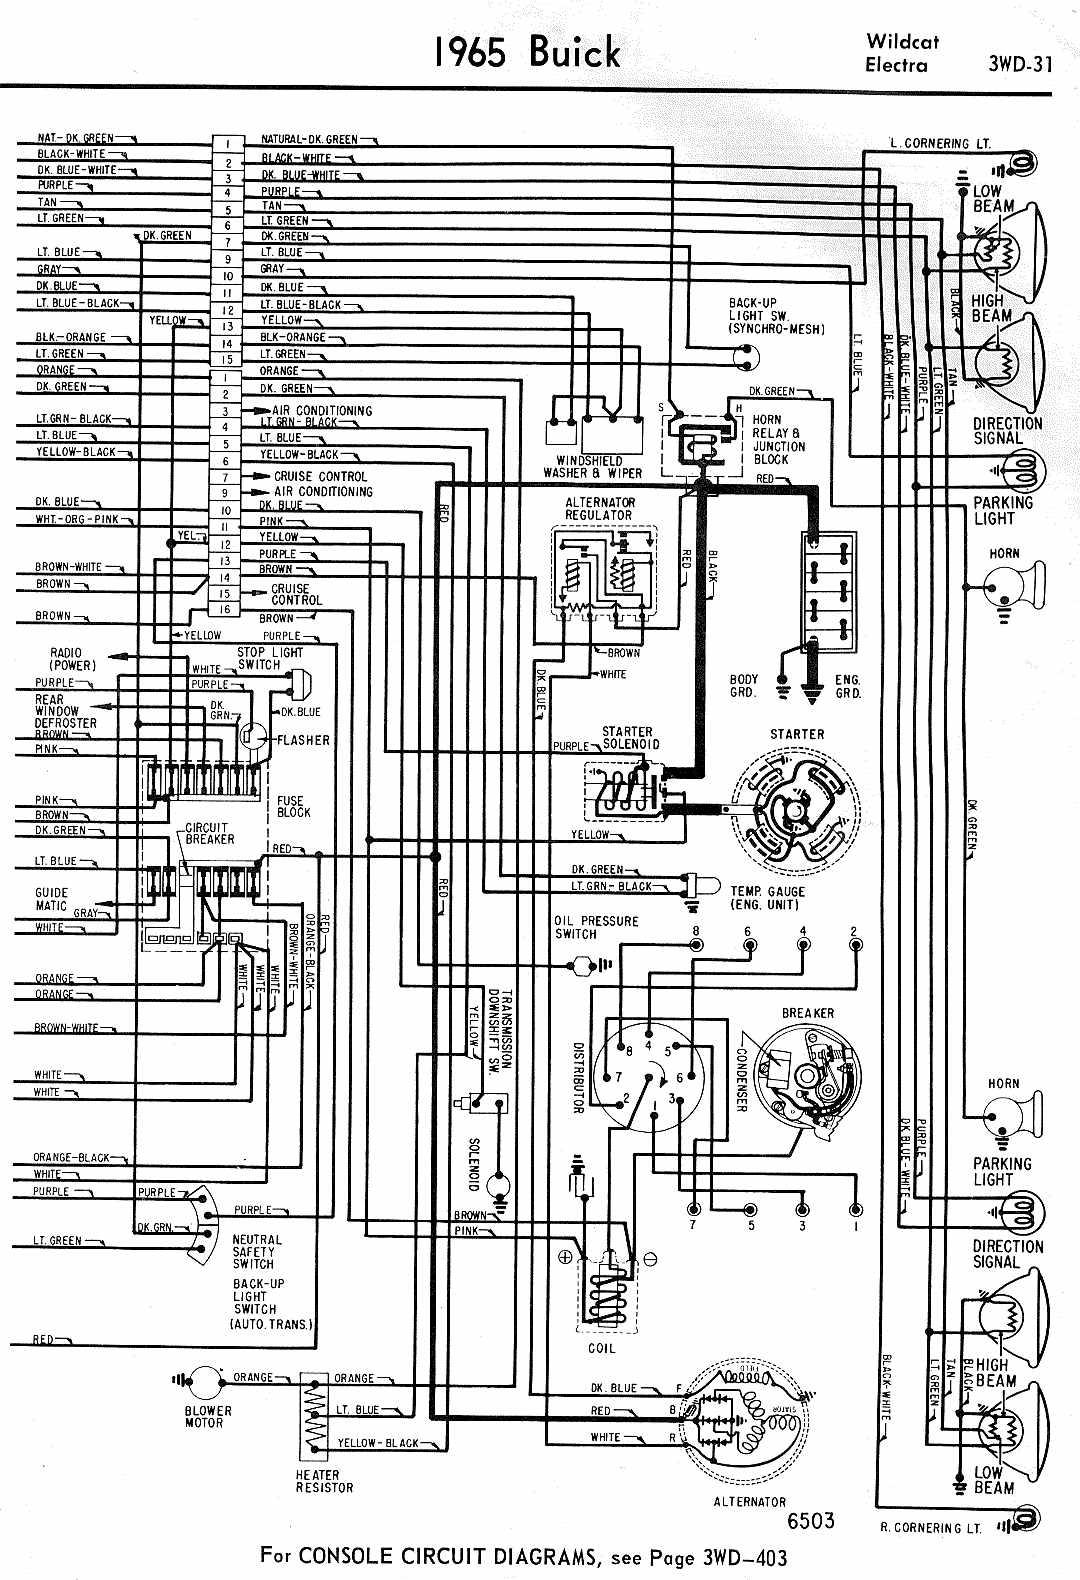 1964 buick wildcat wiring diagram wiring librarybuick electra wiring diagram